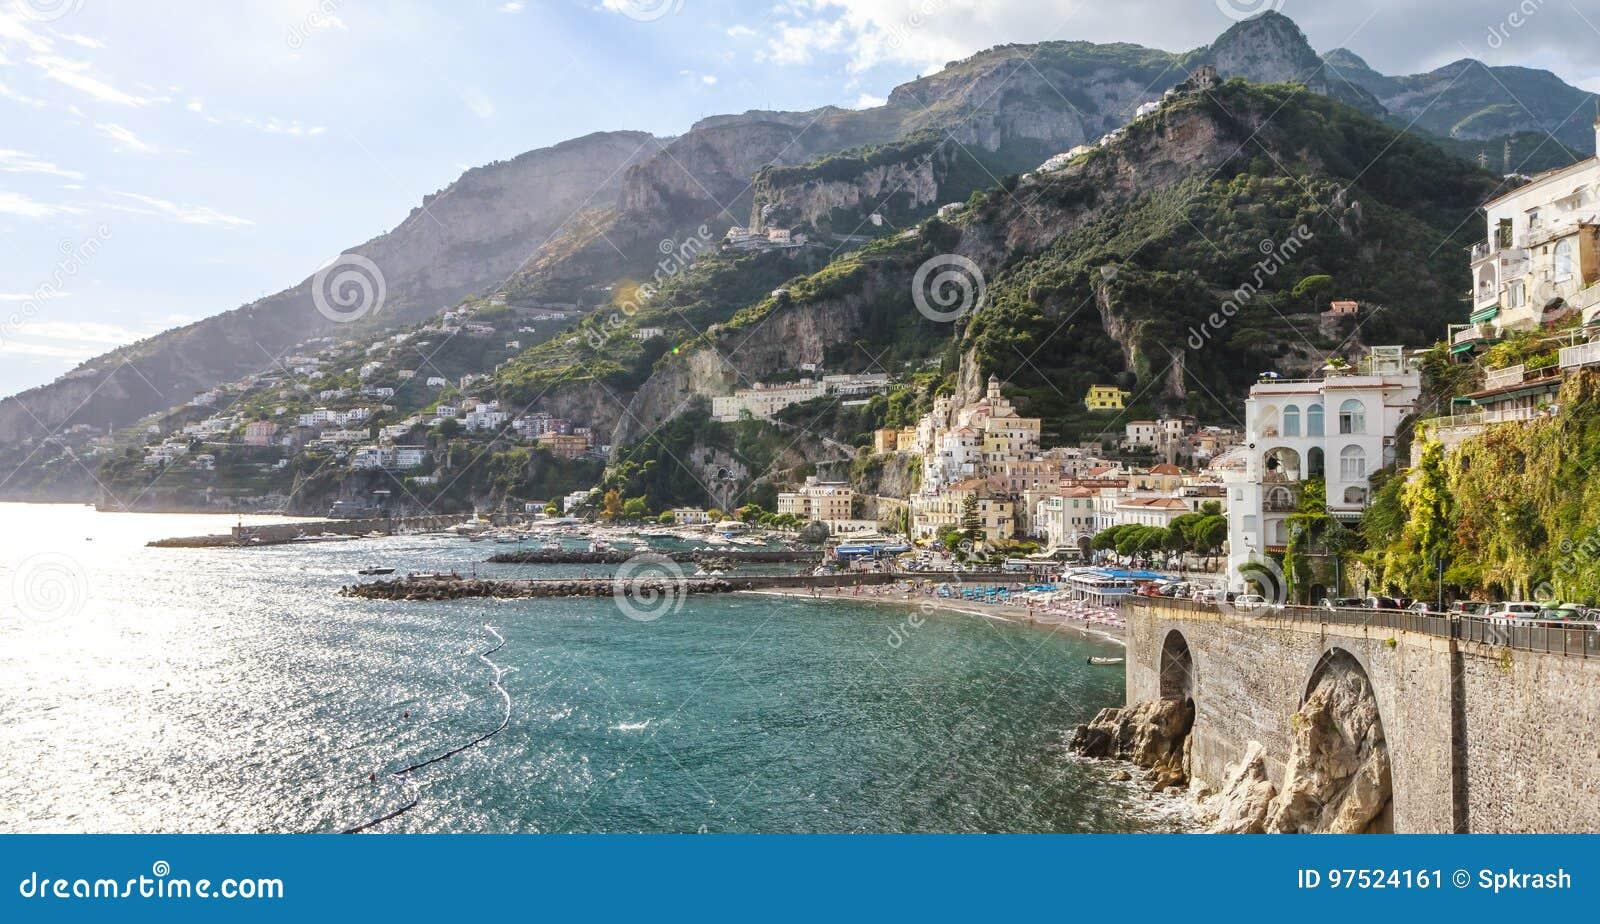 Vista típica de la costa de Amalfi con el mar y las montañas del paisaje urbano